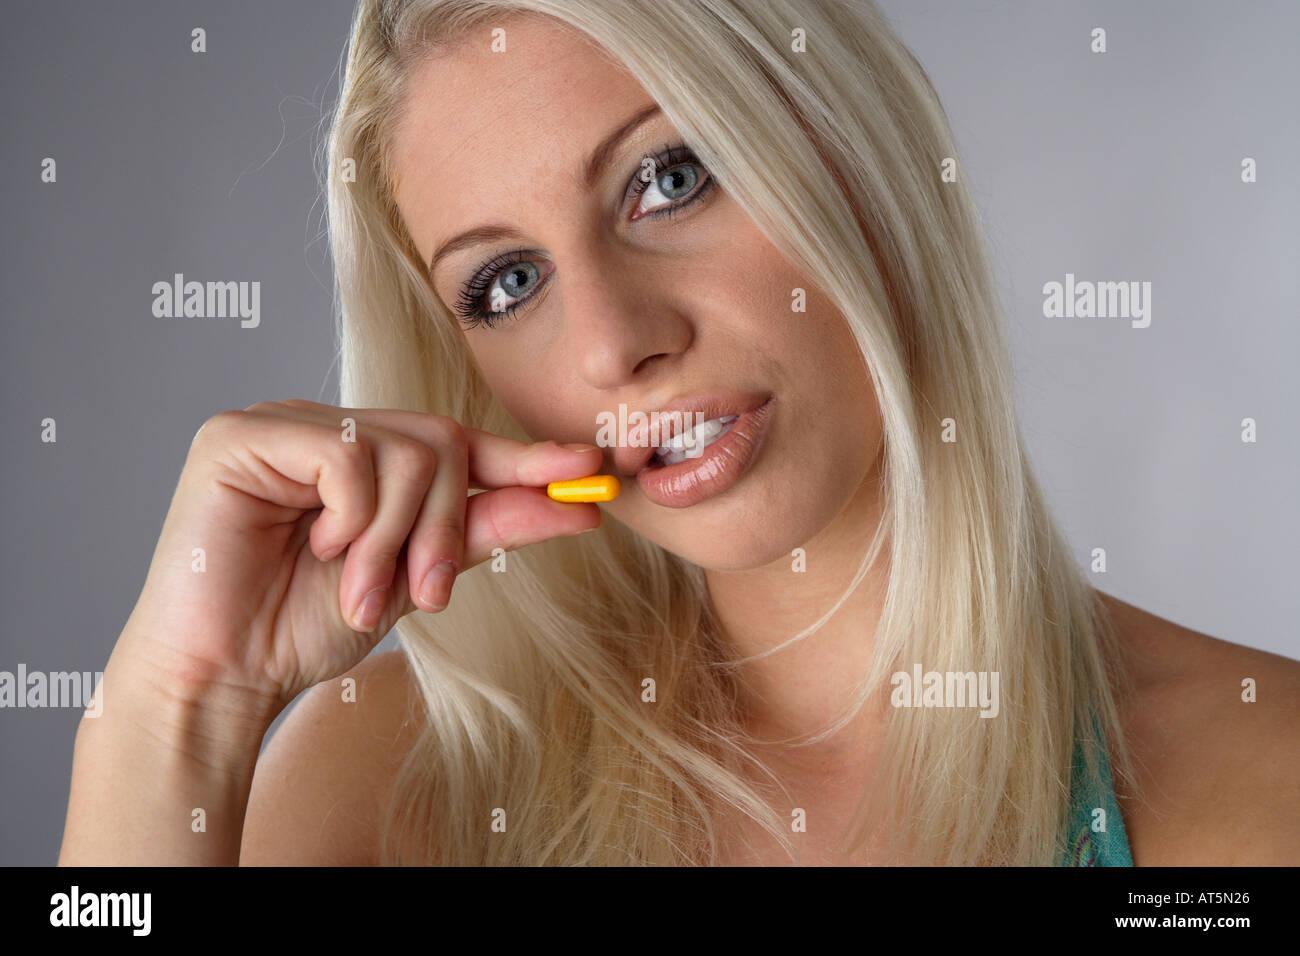 Frau hält Tablette Foto de stock